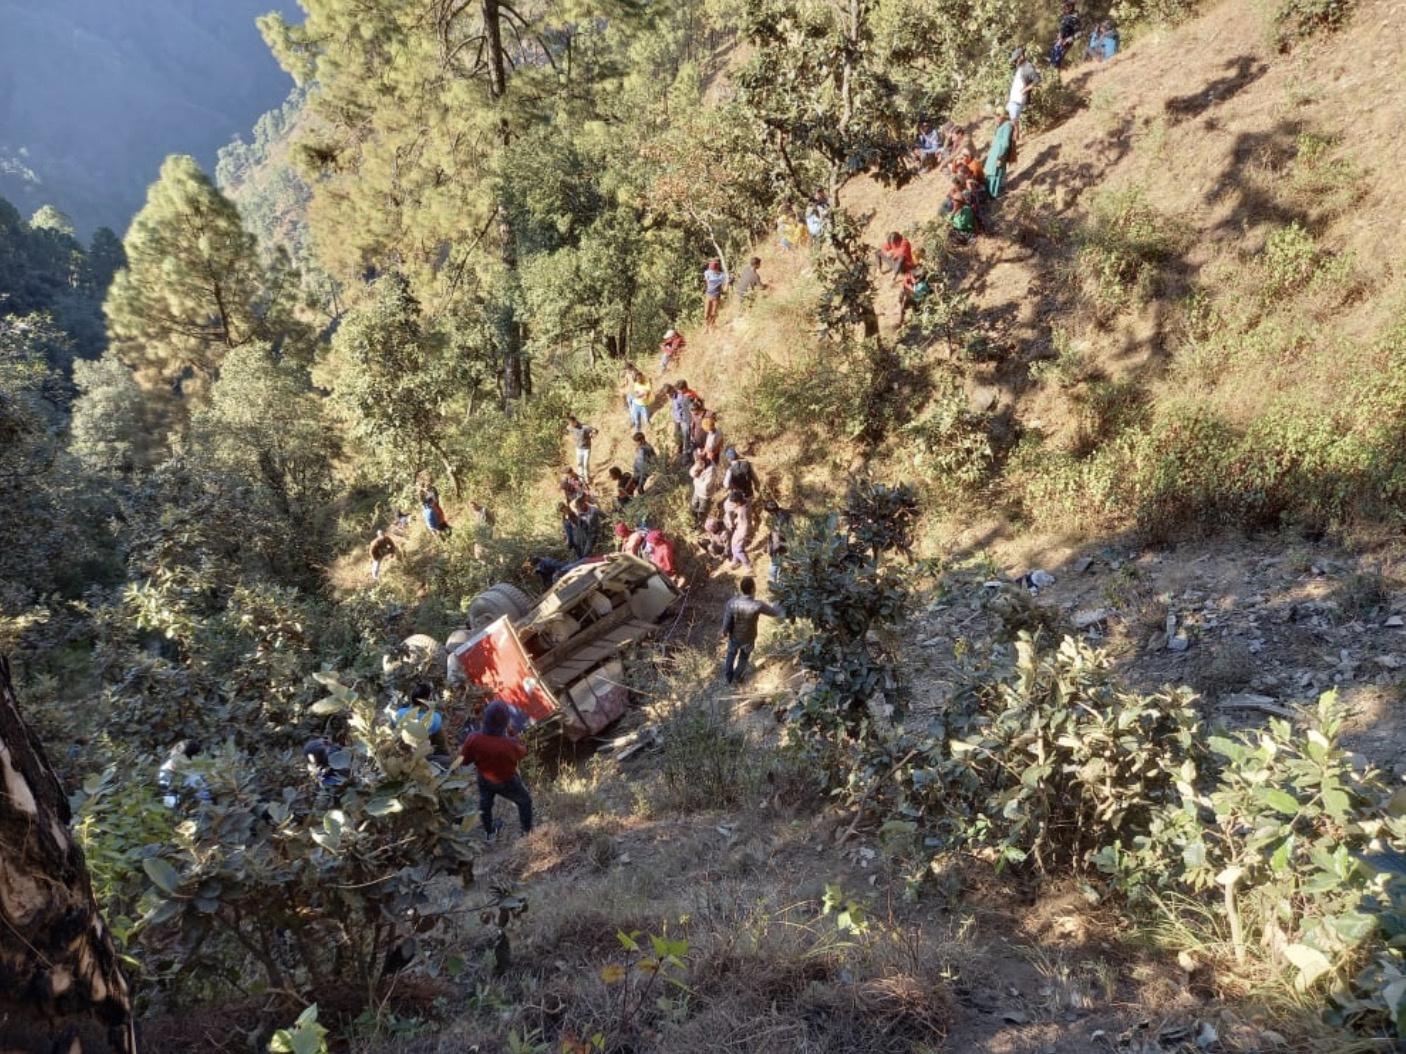 尼泊尔远西部地区发生严重交通事故 已造成9人死亡